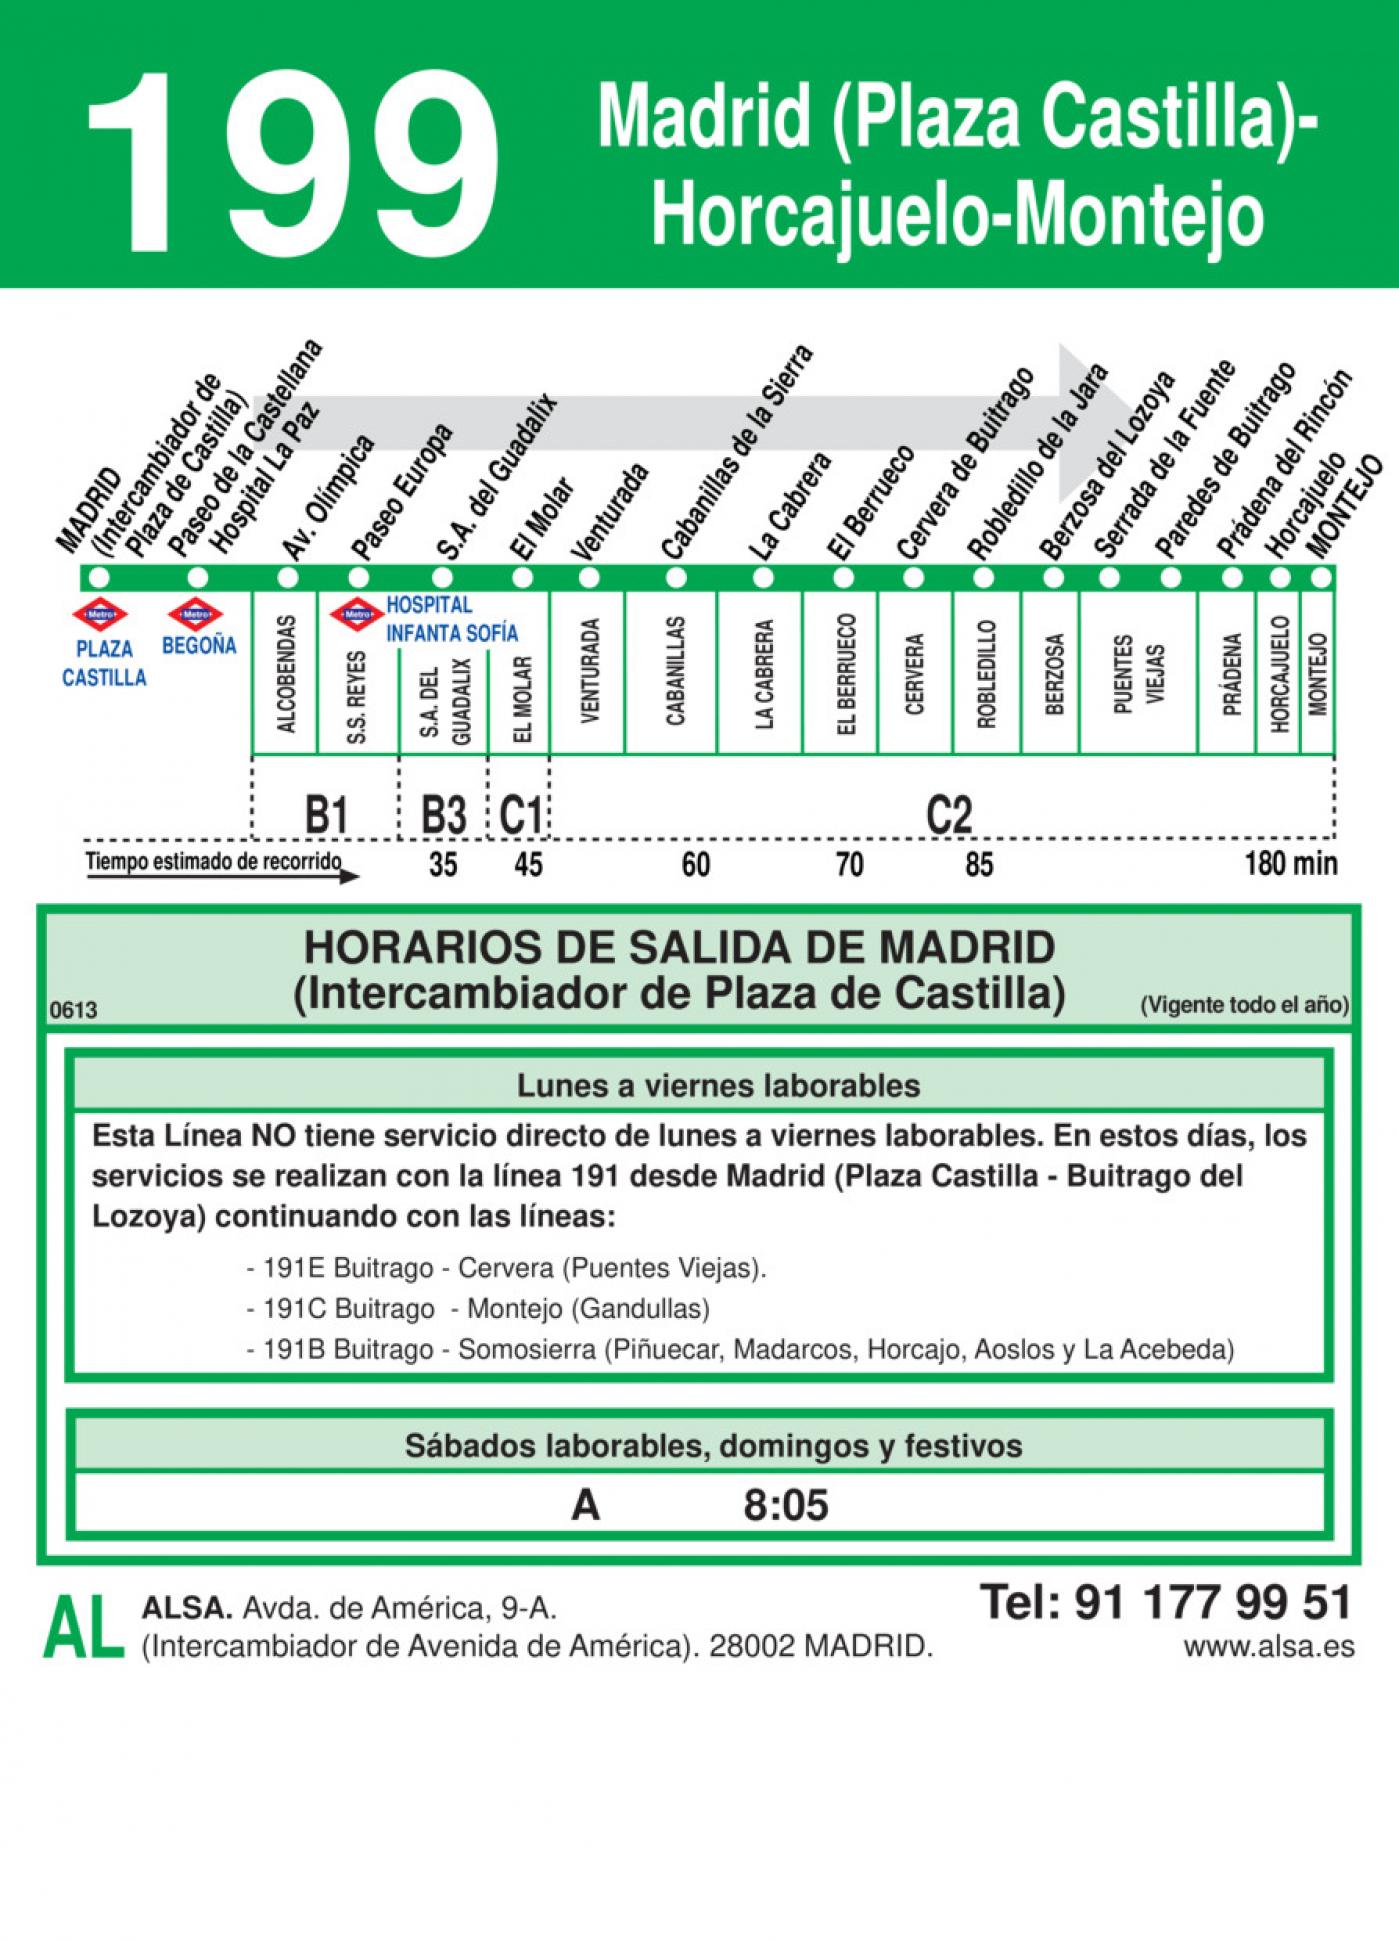 Tabla de horarios y frecuencias de paso en sentido ida Línea 199: Madrid (Plaza Castilla) - Horcajuelo - Montejo